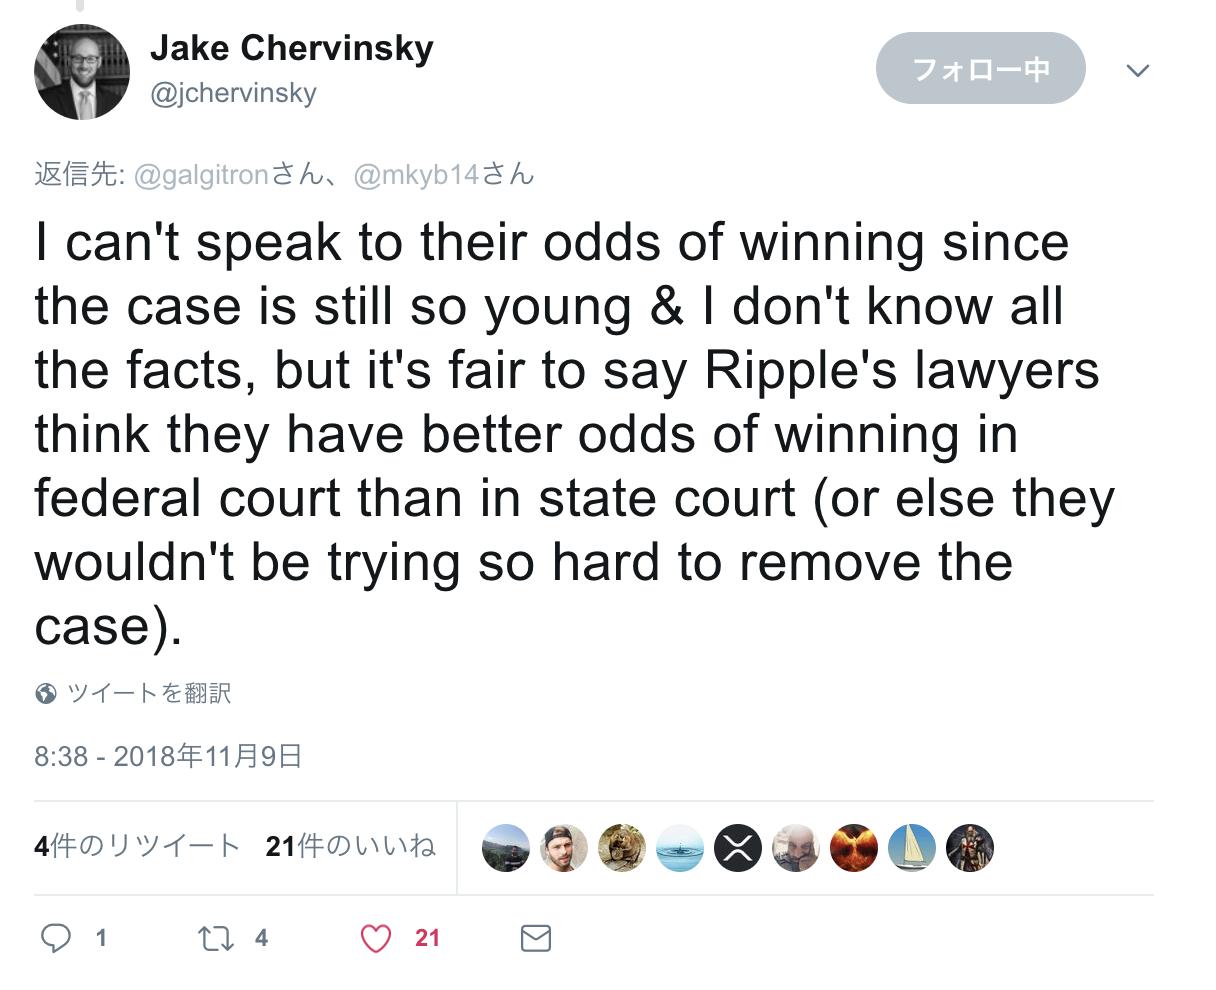 弁護士ジェイク氏によるリップルの裁判の上手さを称えるツイート